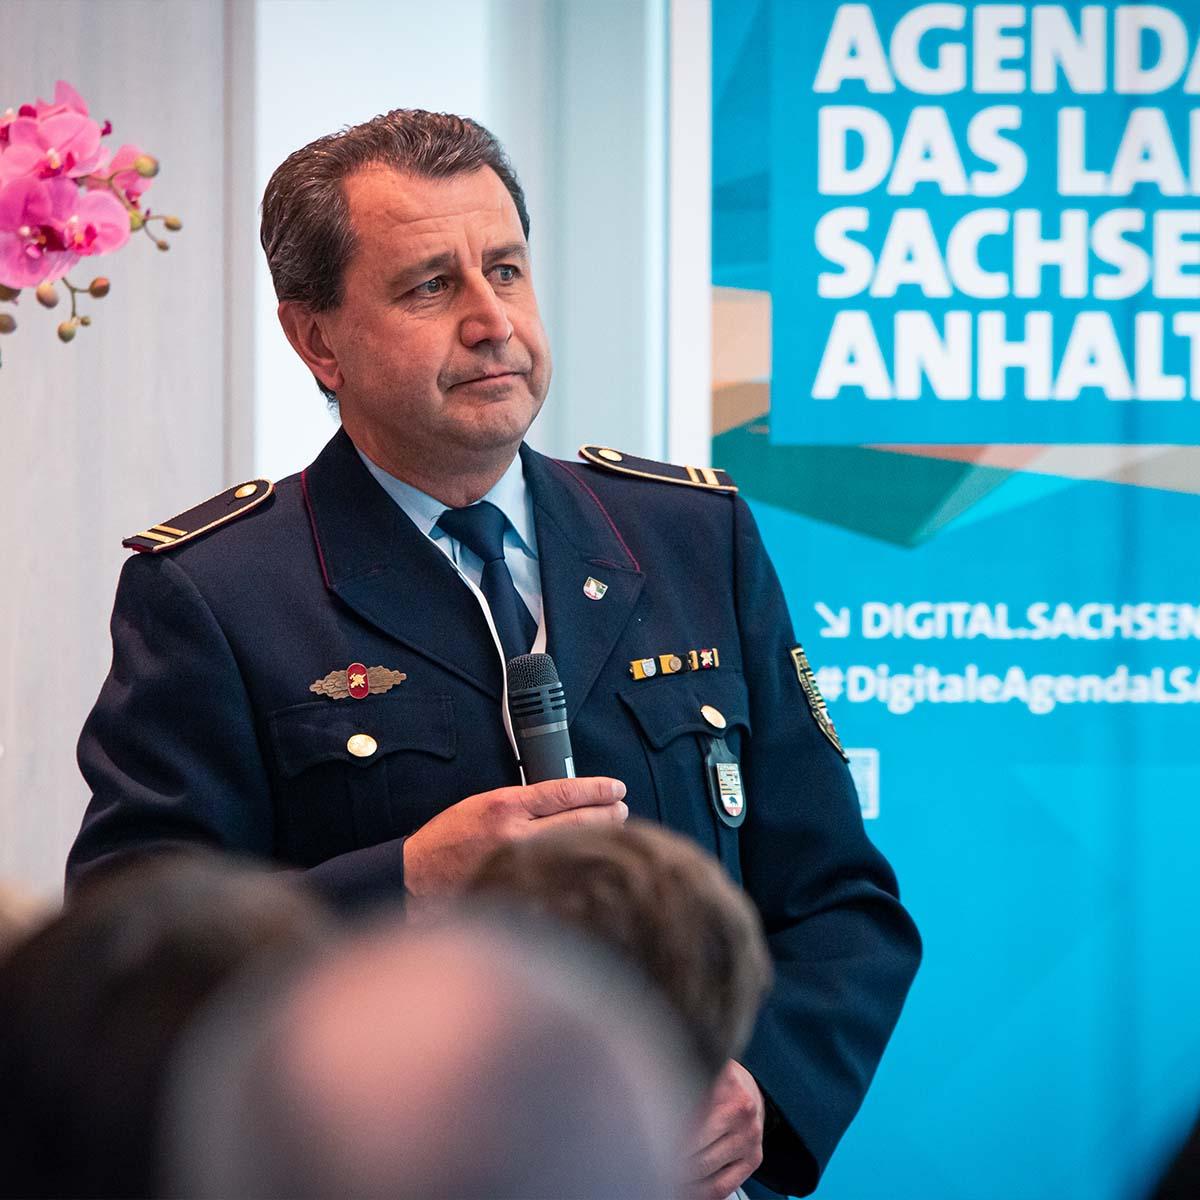 Ein Vortrag von einem Mann bei der Digitalen Agenda für das Land Sachsen-Anhalt